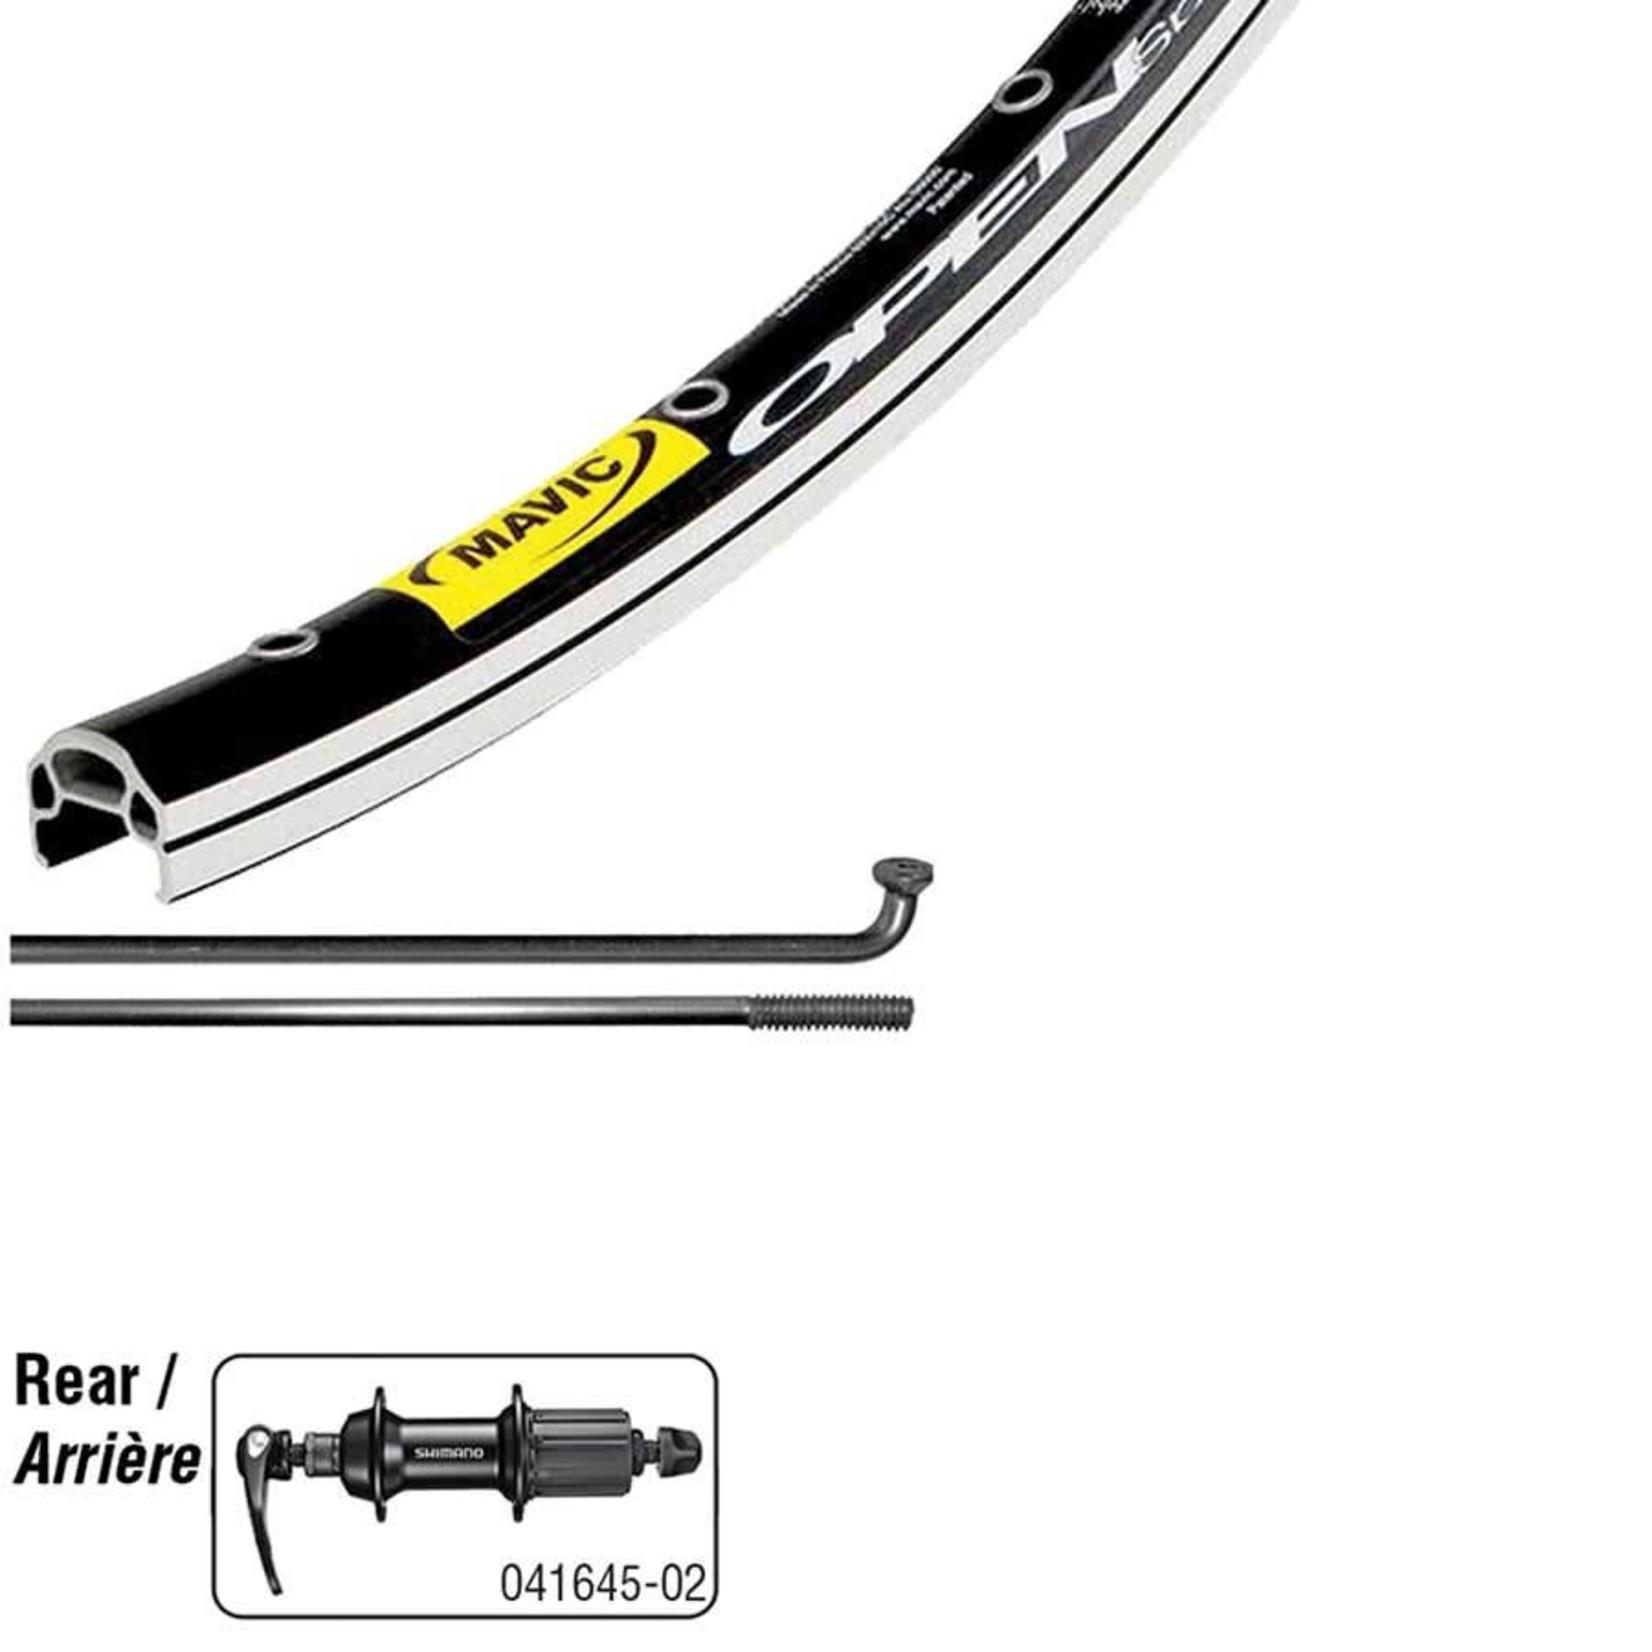 Mavic Open Elite Noir/ Shimano RS400 Noir, Roue, Arrière, 700C / 622, Trous: 32, QR, 130mm, Sur jante, Shimano HG 11